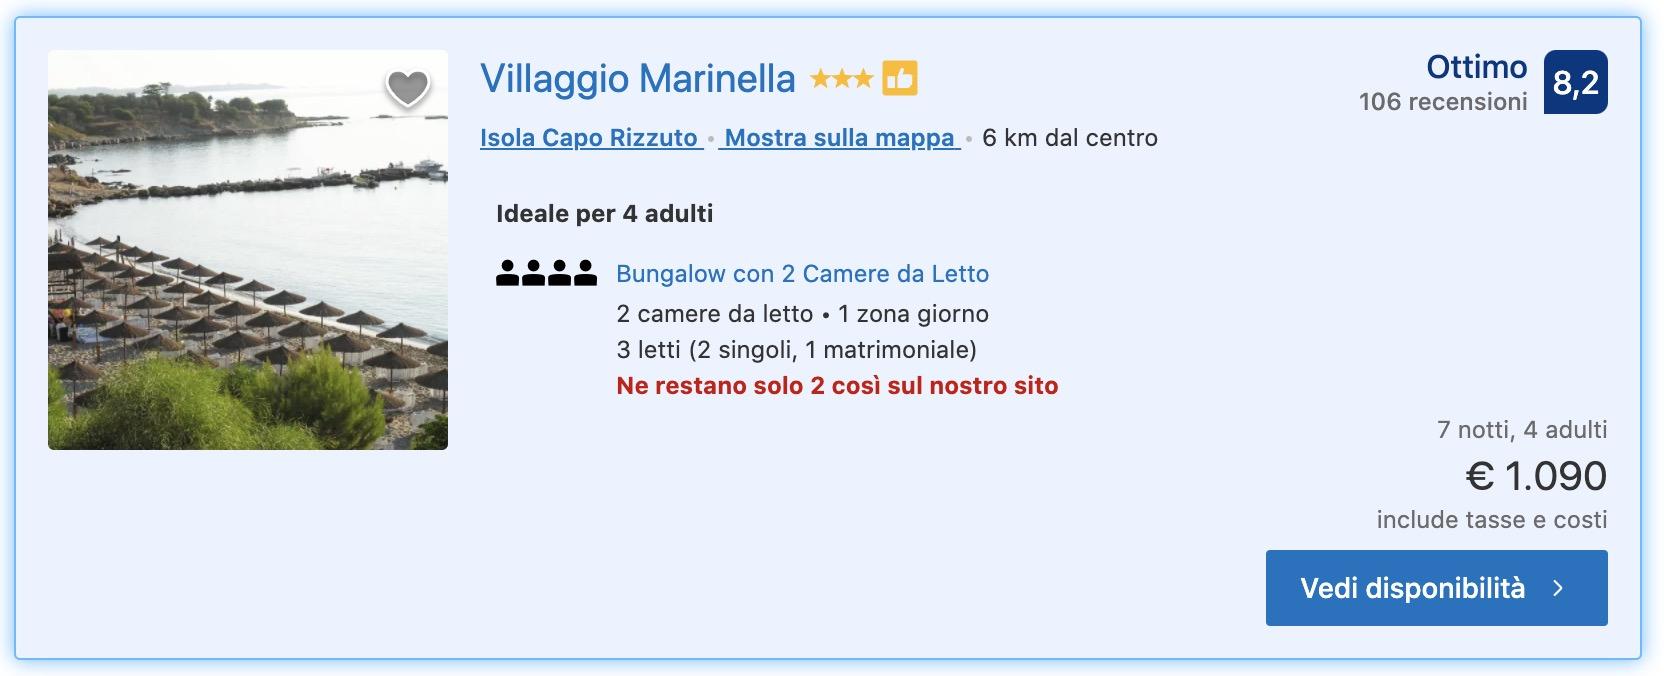 villaggio-marinella-caporizzuto